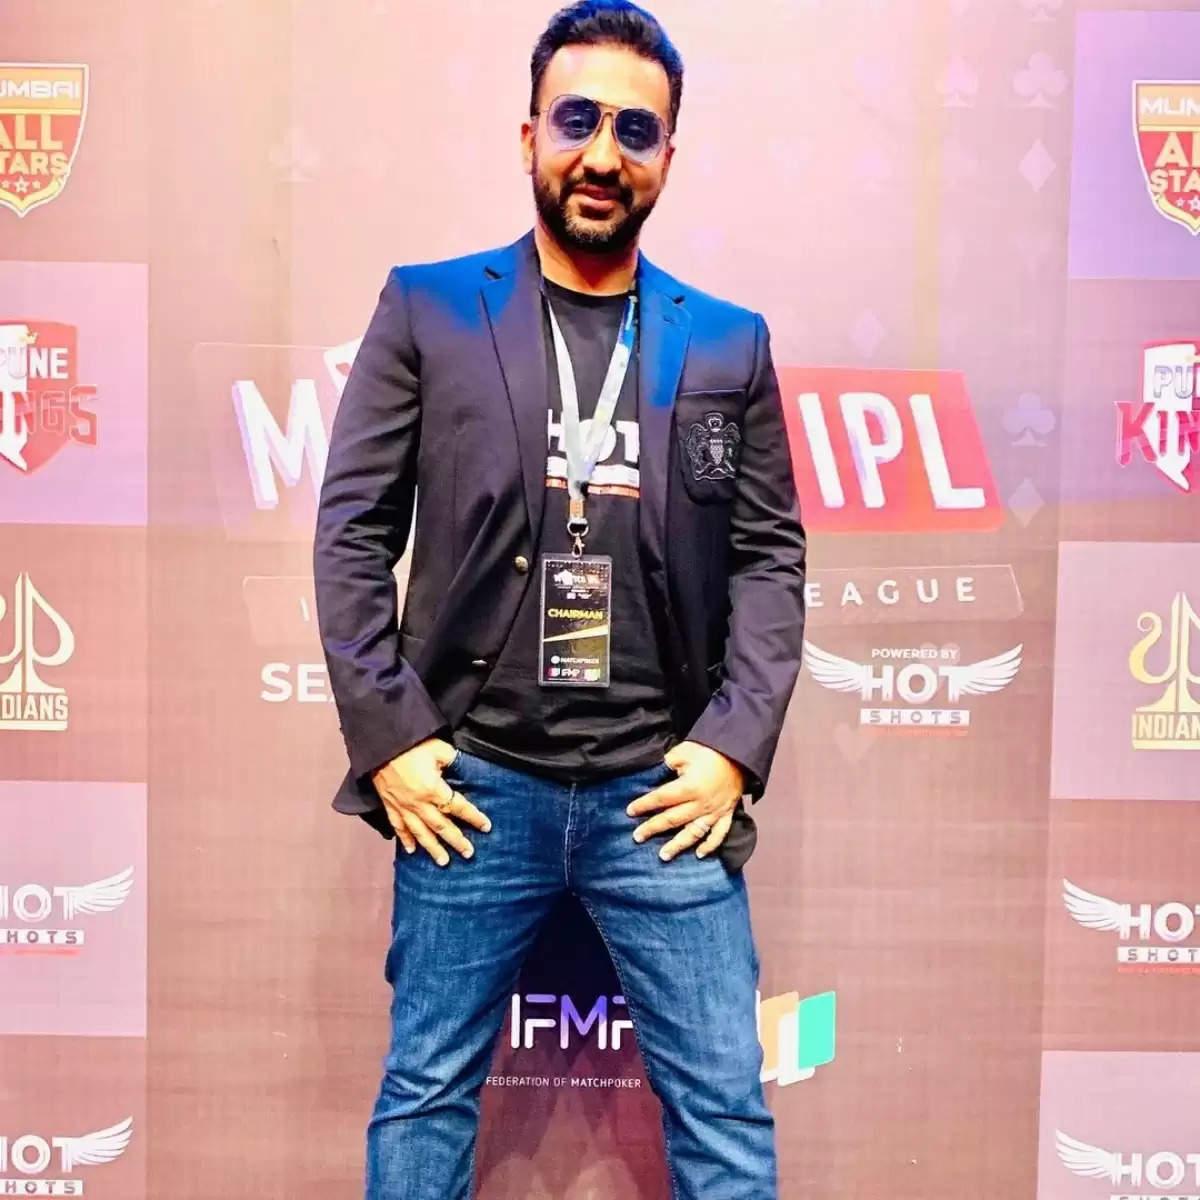 मुंबई पुलिस ने राज कुंद्रा को पोर्नोग्राफी फिल्म बनाने के मामले में गिरफ्तार